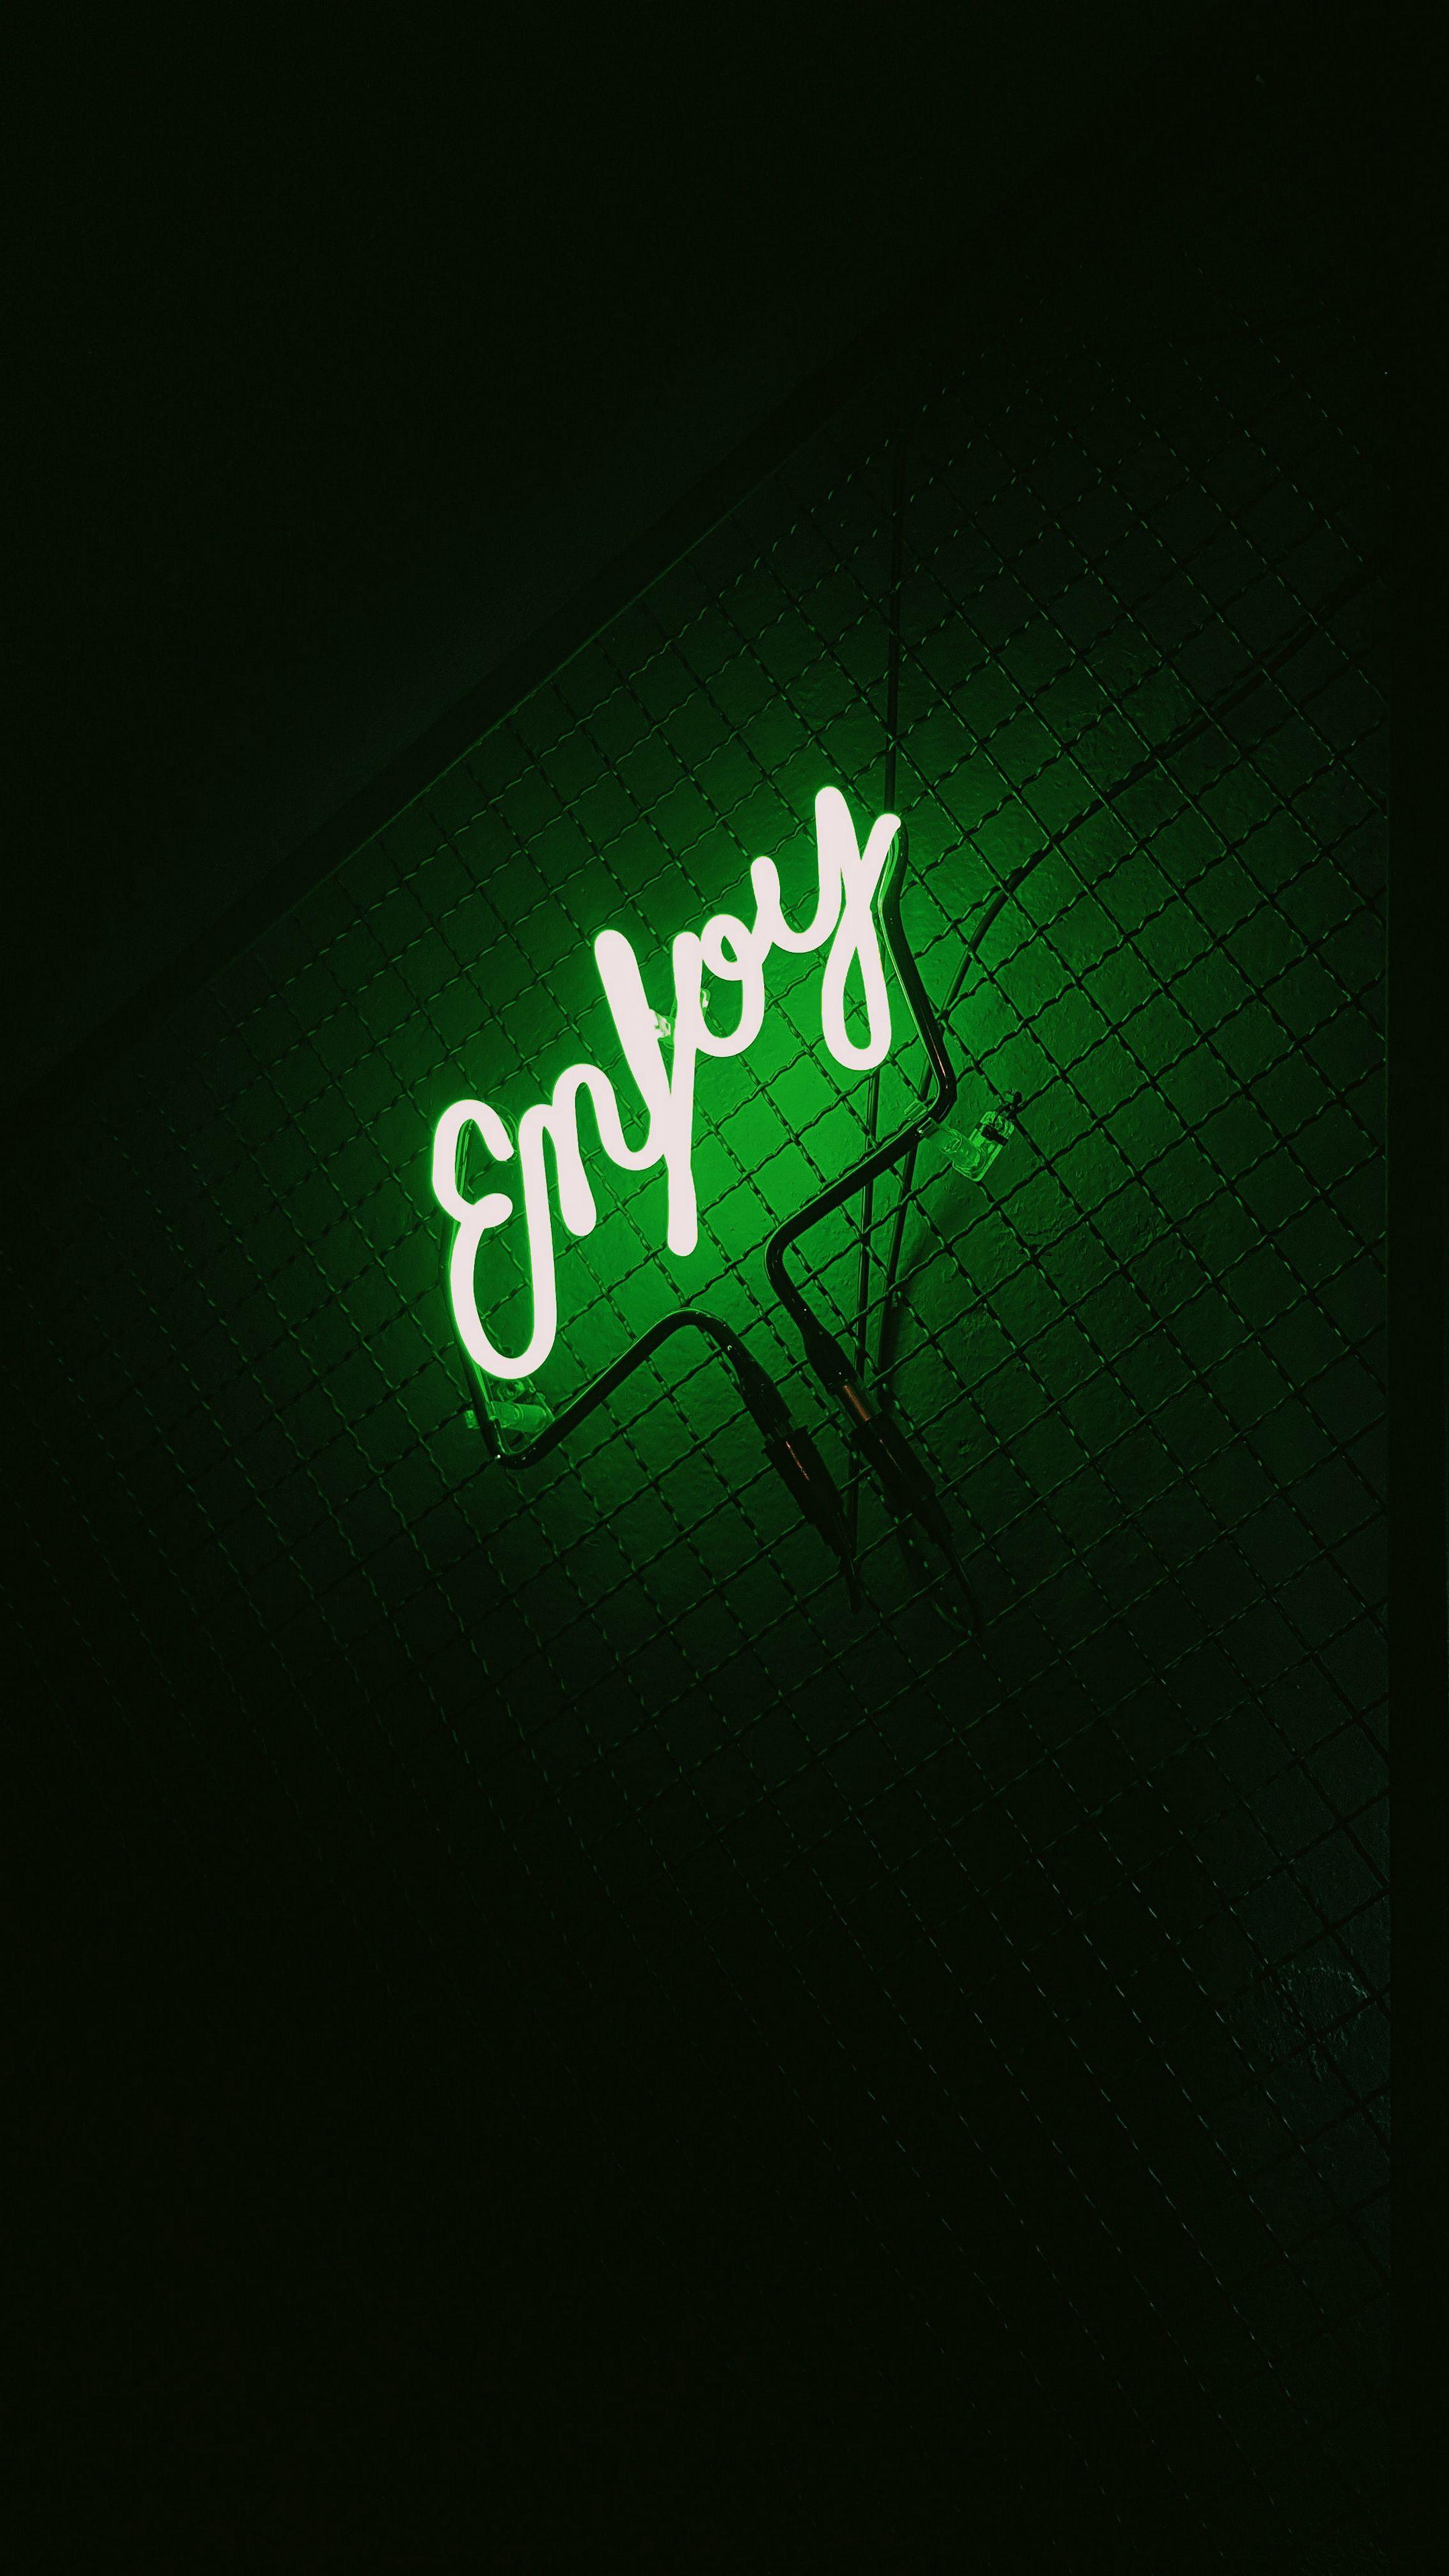 2160x3840 Wallpaper inscription, neon, backlight, green, dark